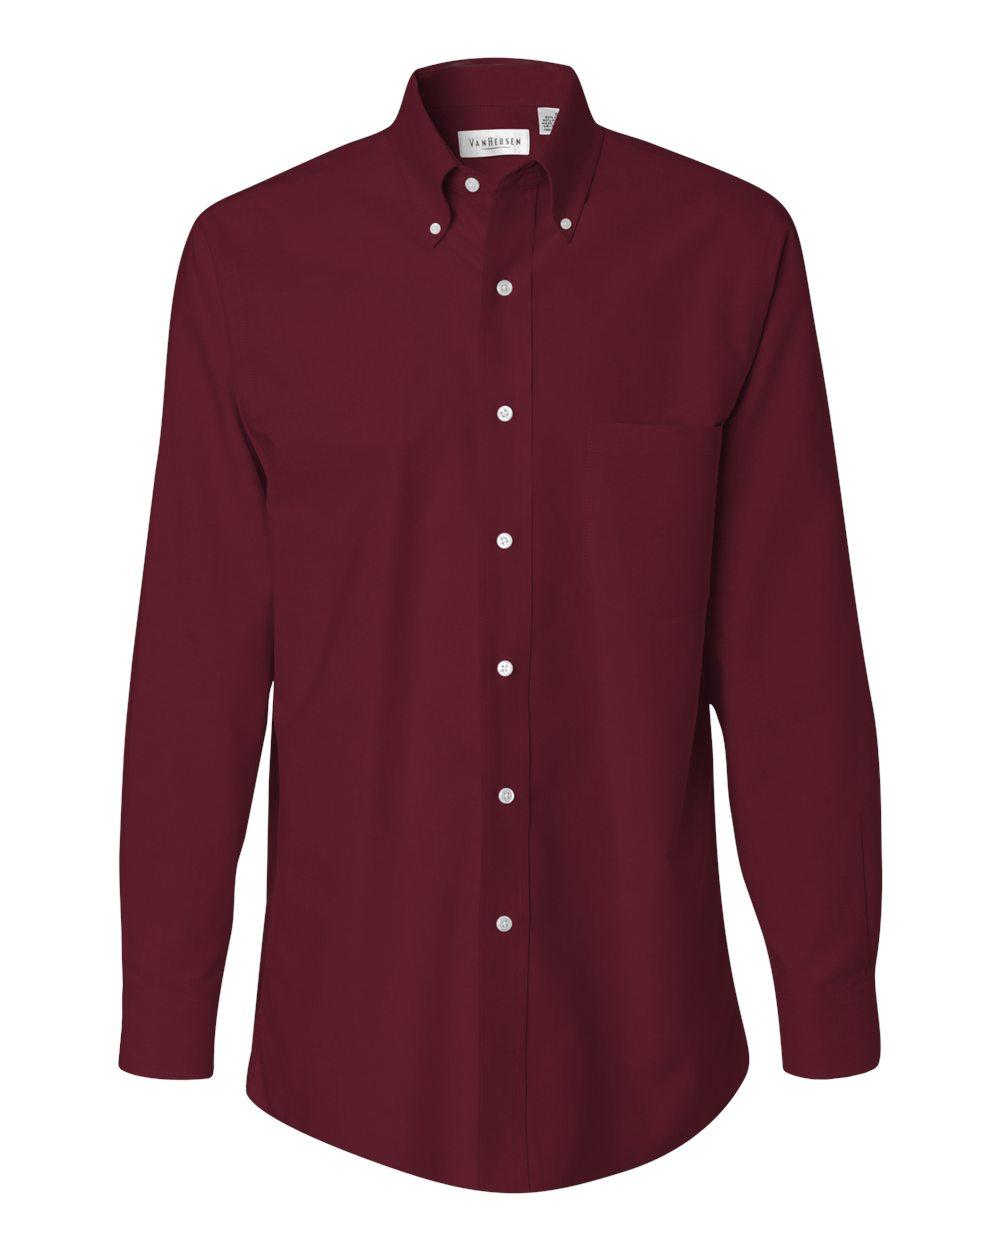 Van Heusen Men 39 S Long Sleeve Oxford Shirt 13v0040